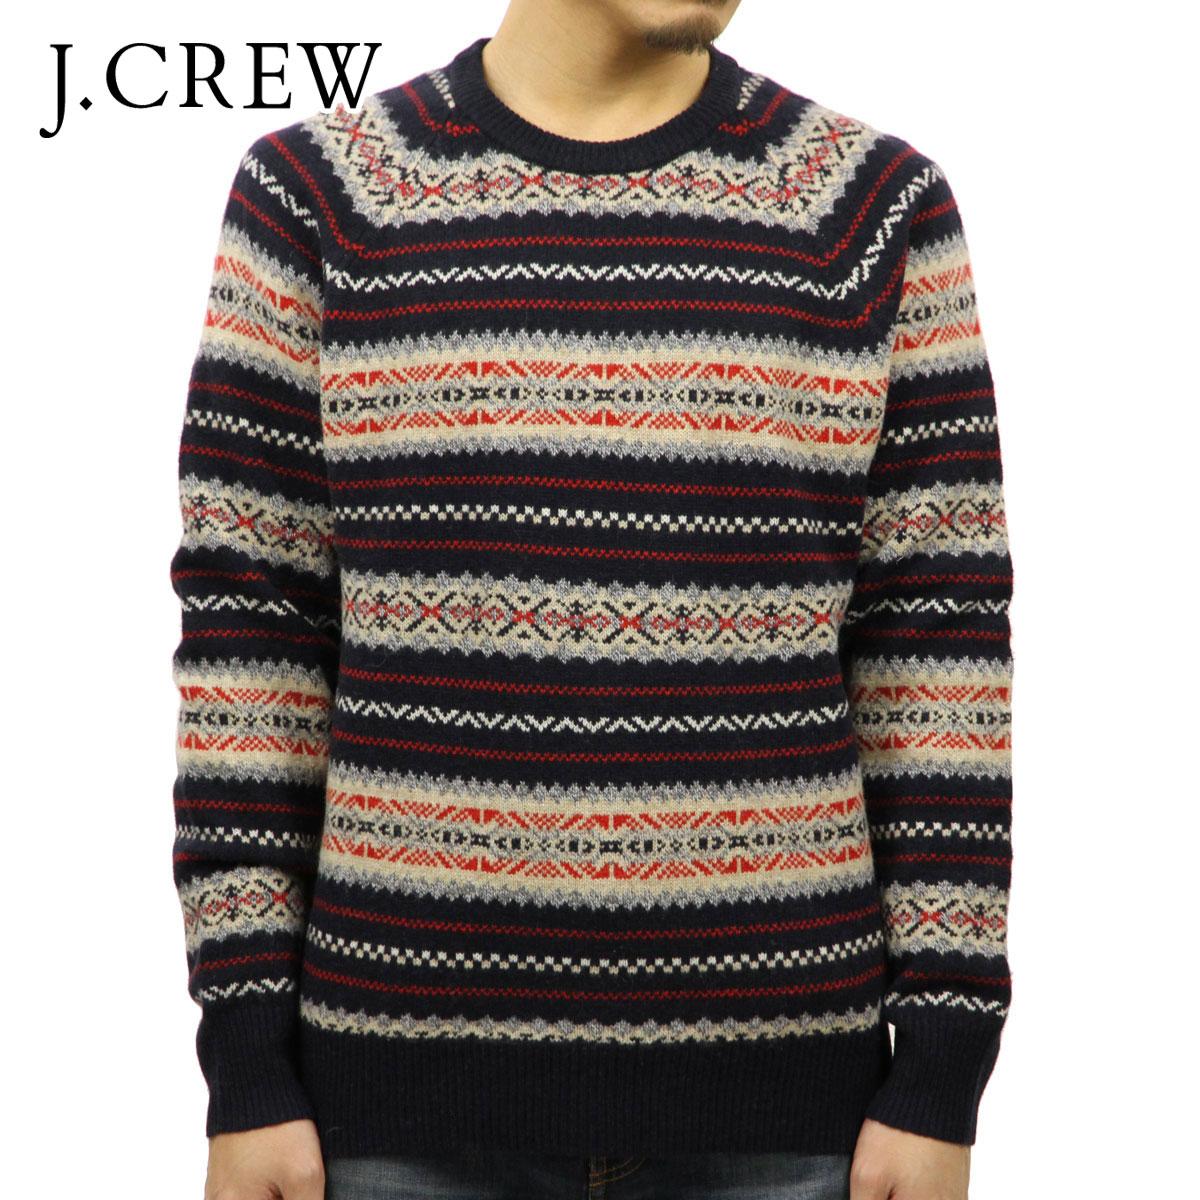 ジェイクルー J.CREW 正規品 メンズ クルーネックセーター LAMBSWOOL FAIR ISLE SWEATER H1950